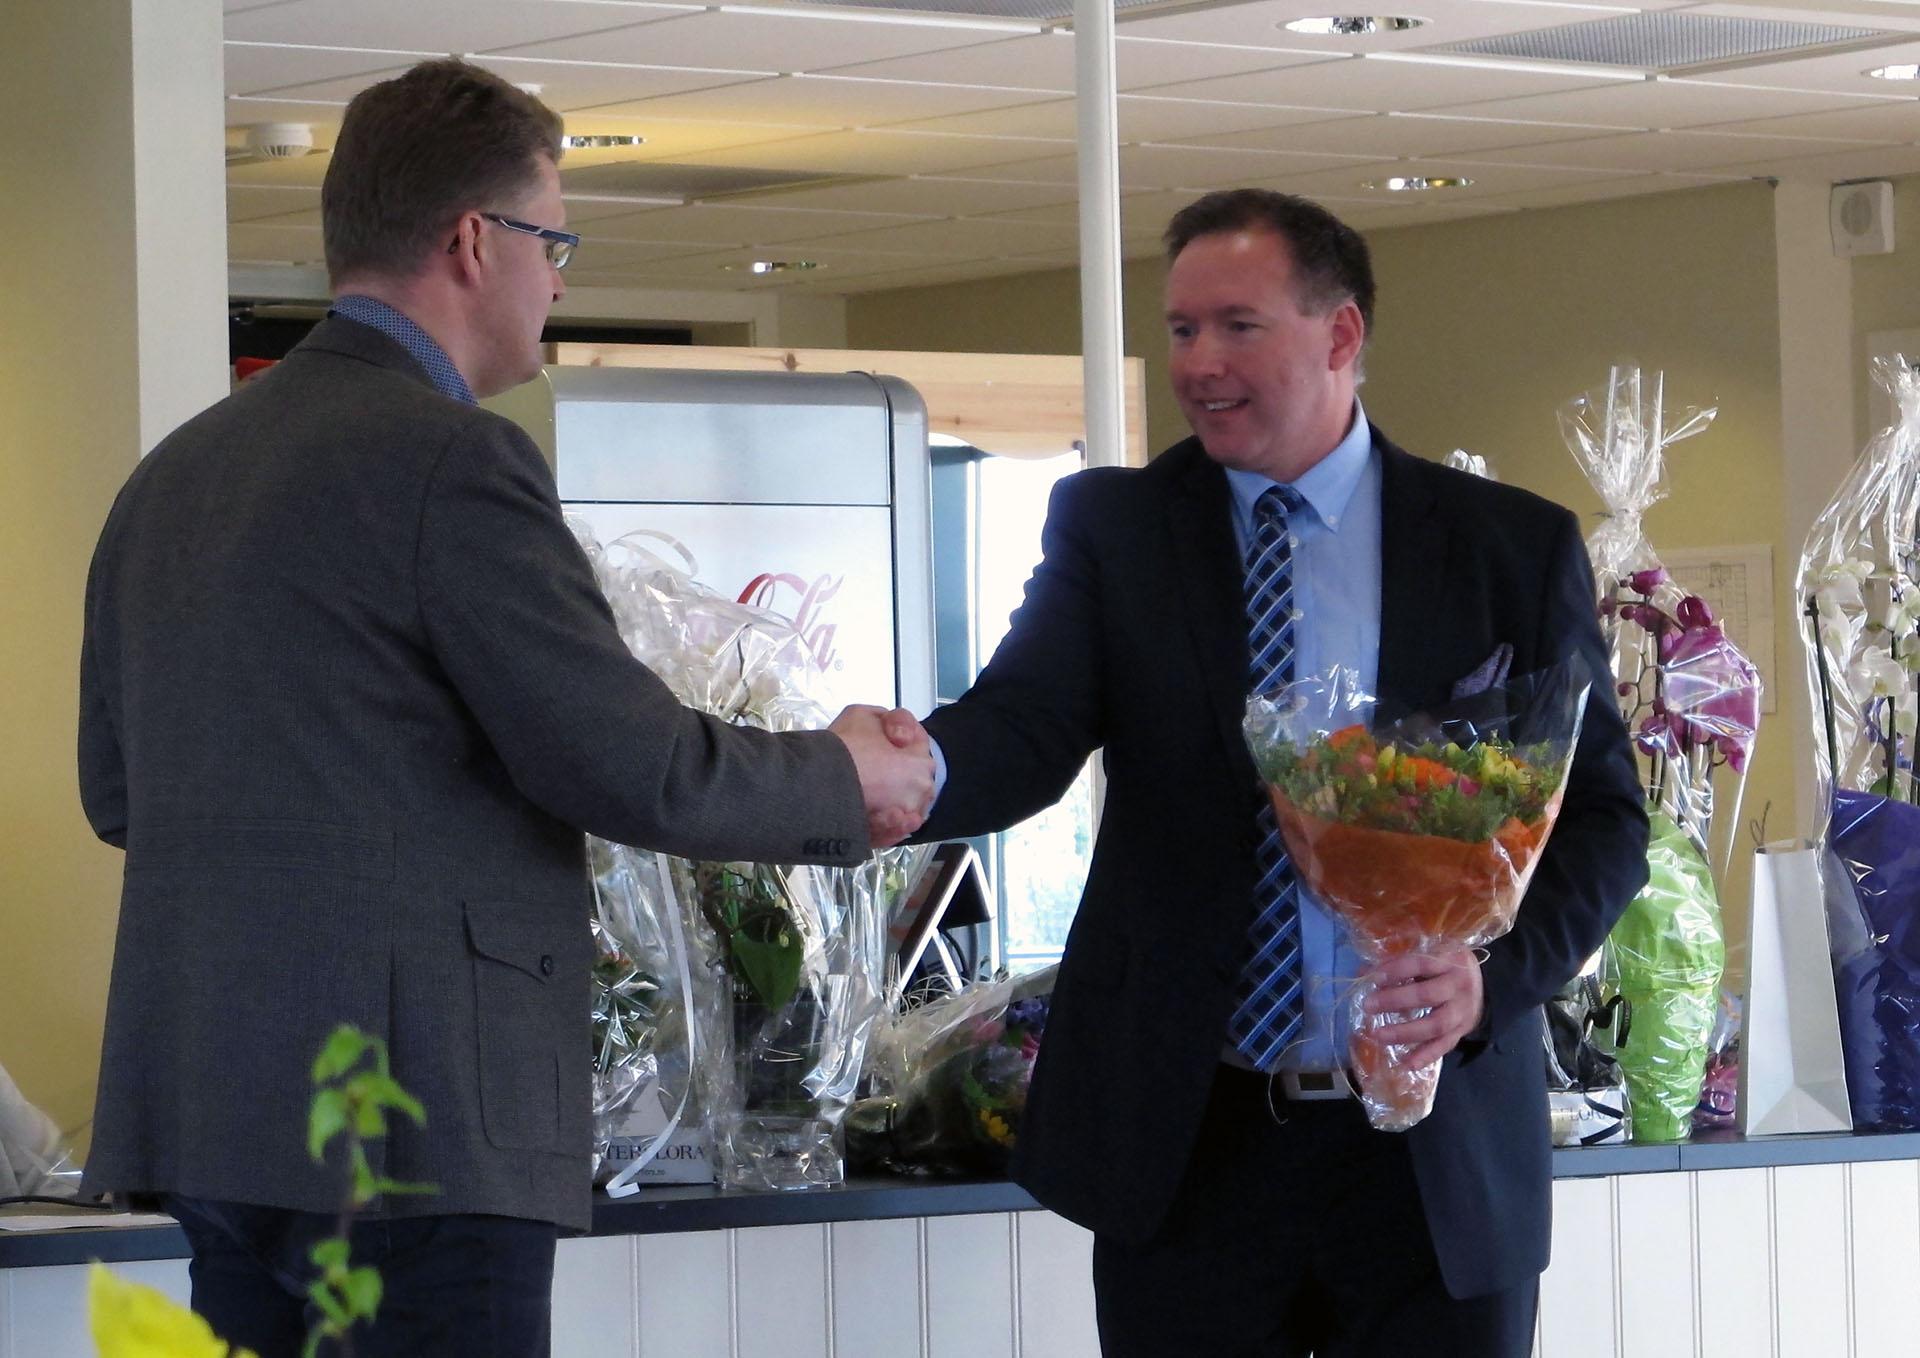 Fylkesvaraordfører deler blomster.jpg